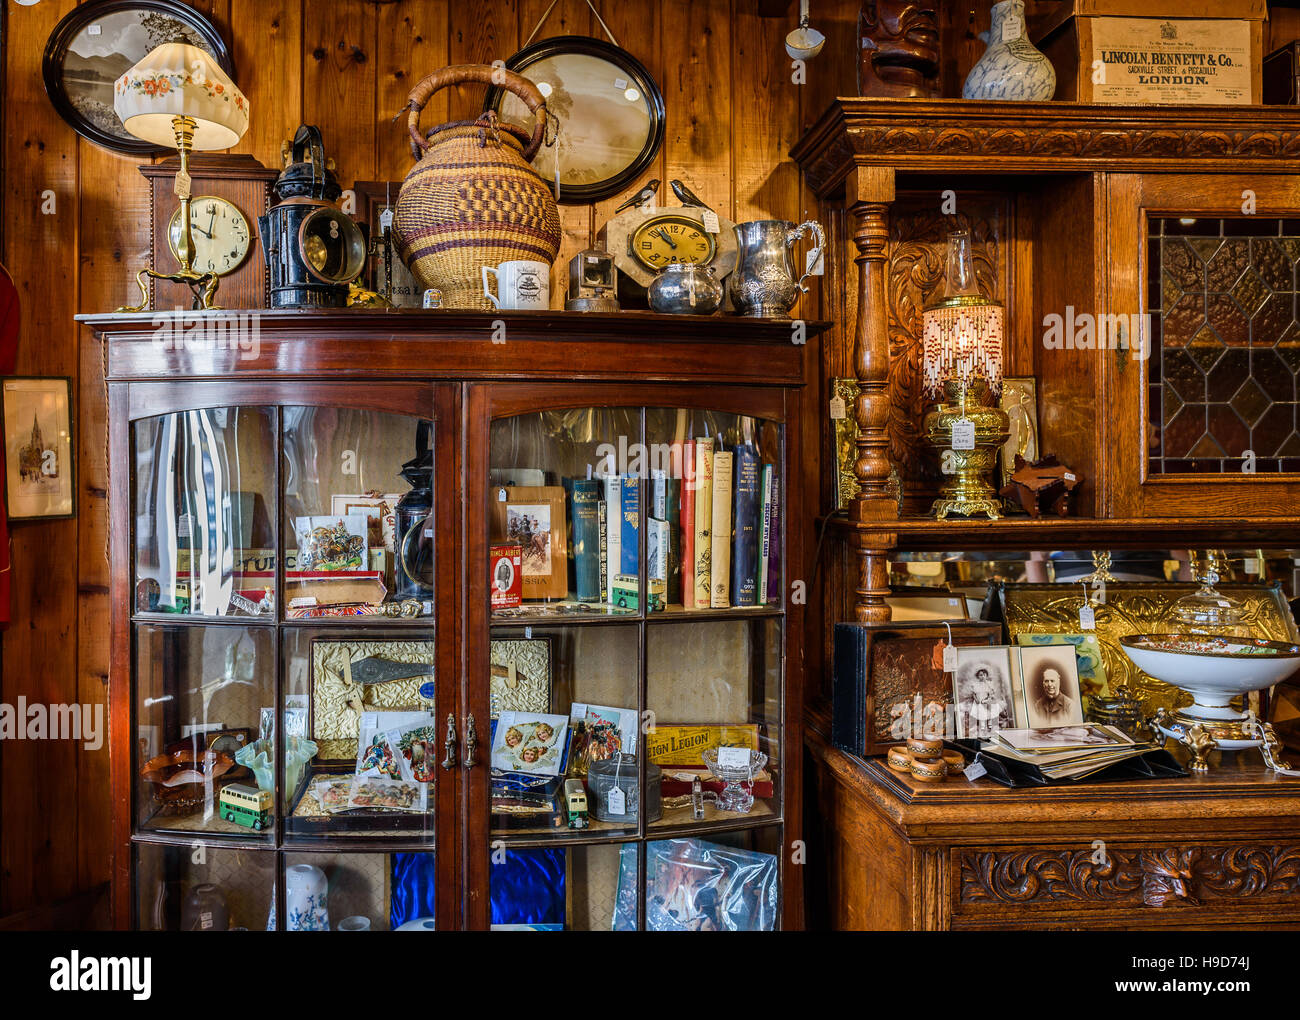 https://c8.alamy.com/compde/h9d74j/antiquitaten-shop-interieur-die-vintage-laden-verkauft-verschiedene-antiquitaten-und-vintage-objekte-h9d74j.jpg